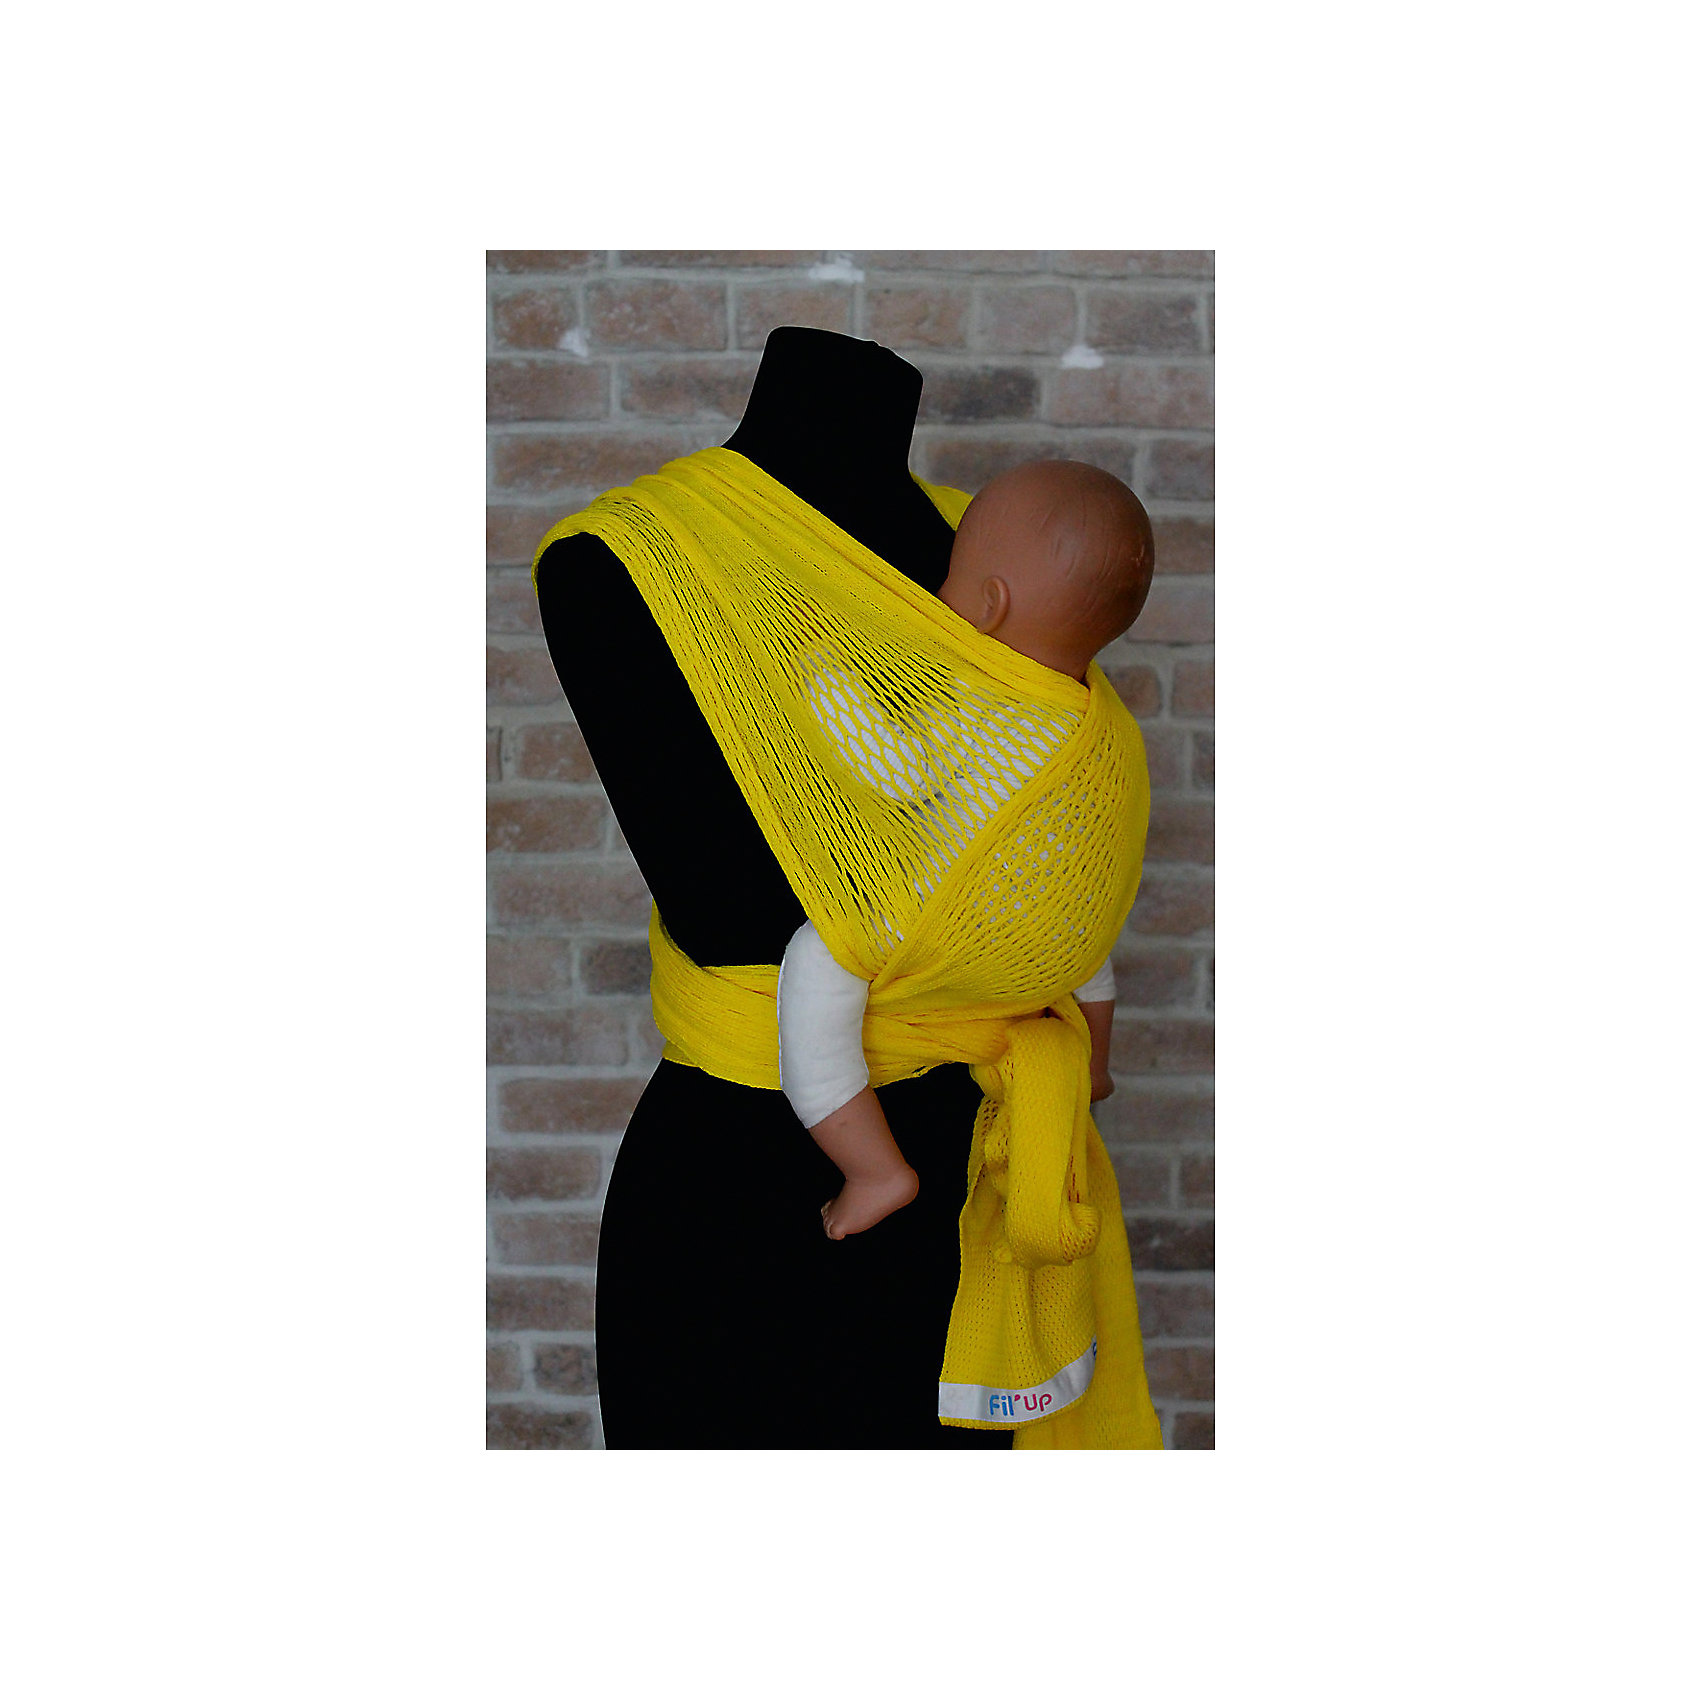 Слинг-шарф из хлопка плетеный размер s-m, Филап, Filt, желтыйСлинги и рюкзаки-переноски<br><br><br>Ширина мм: 800<br>Глубина мм: 800<br>Высота мм: 50<br>Вес г: 500<br>Возраст от месяцев: 0<br>Возраст до месяцев: 12<br>Пол: Унисекс<br>Возраст: Детский<br>SKU: 5445096